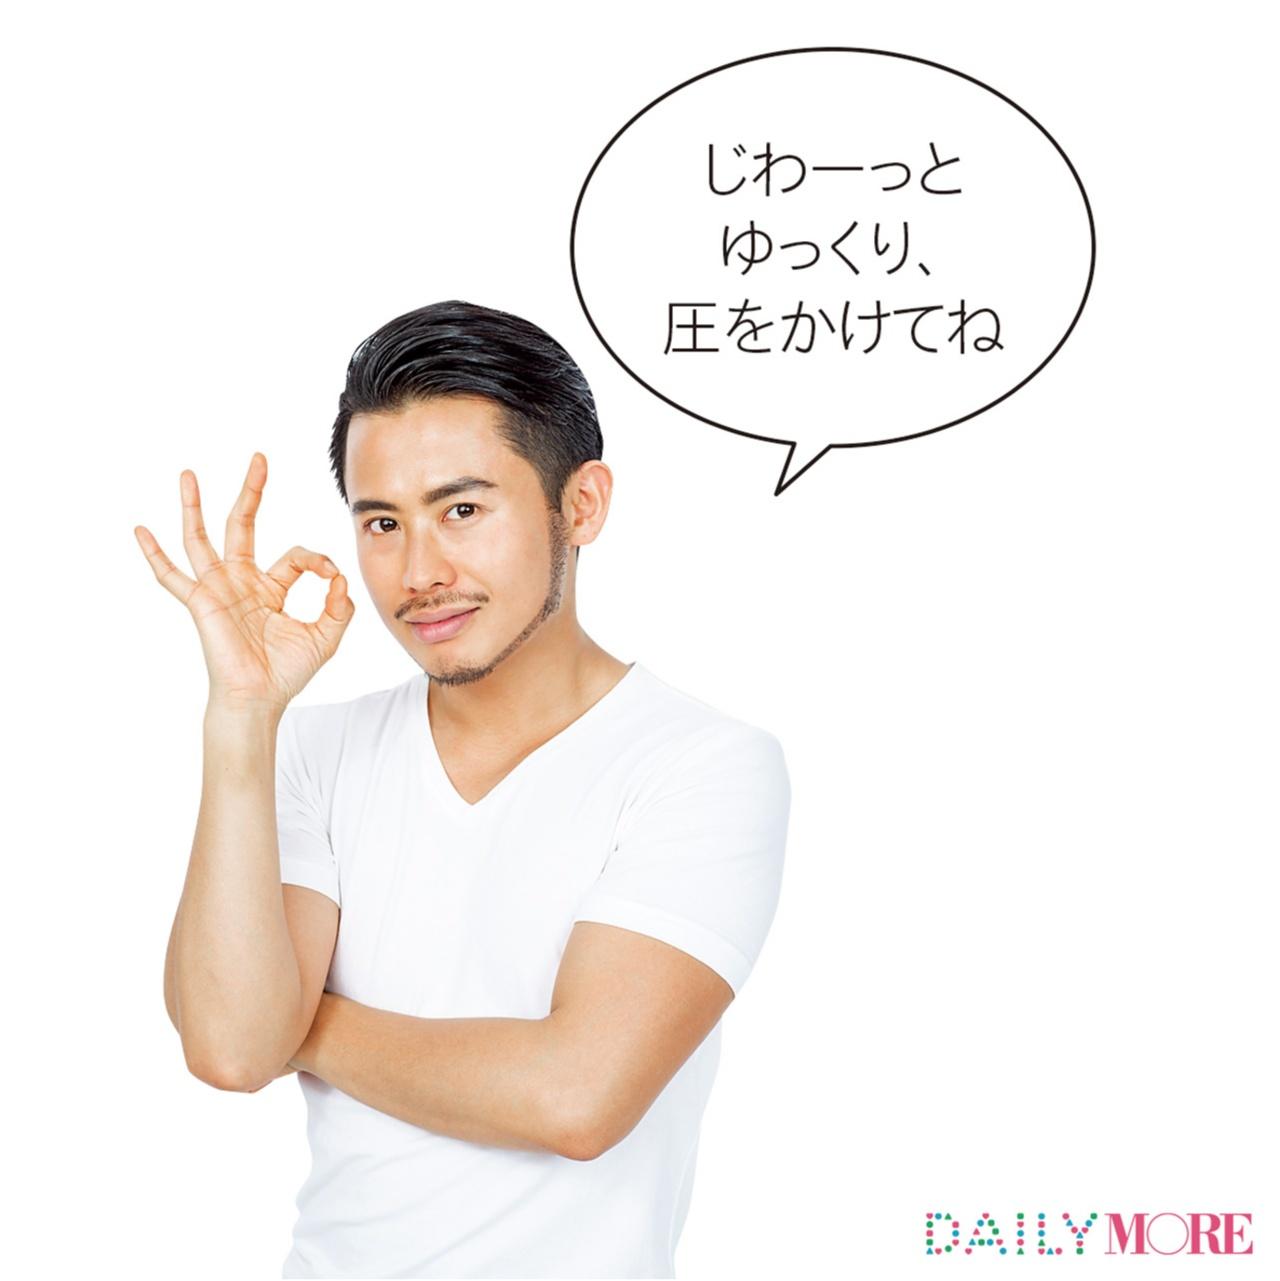 おどろきの小顔に♡ ヘア&メイク小田切ヒロの「別人級セルフコルギ」<ほお&えら編>_10